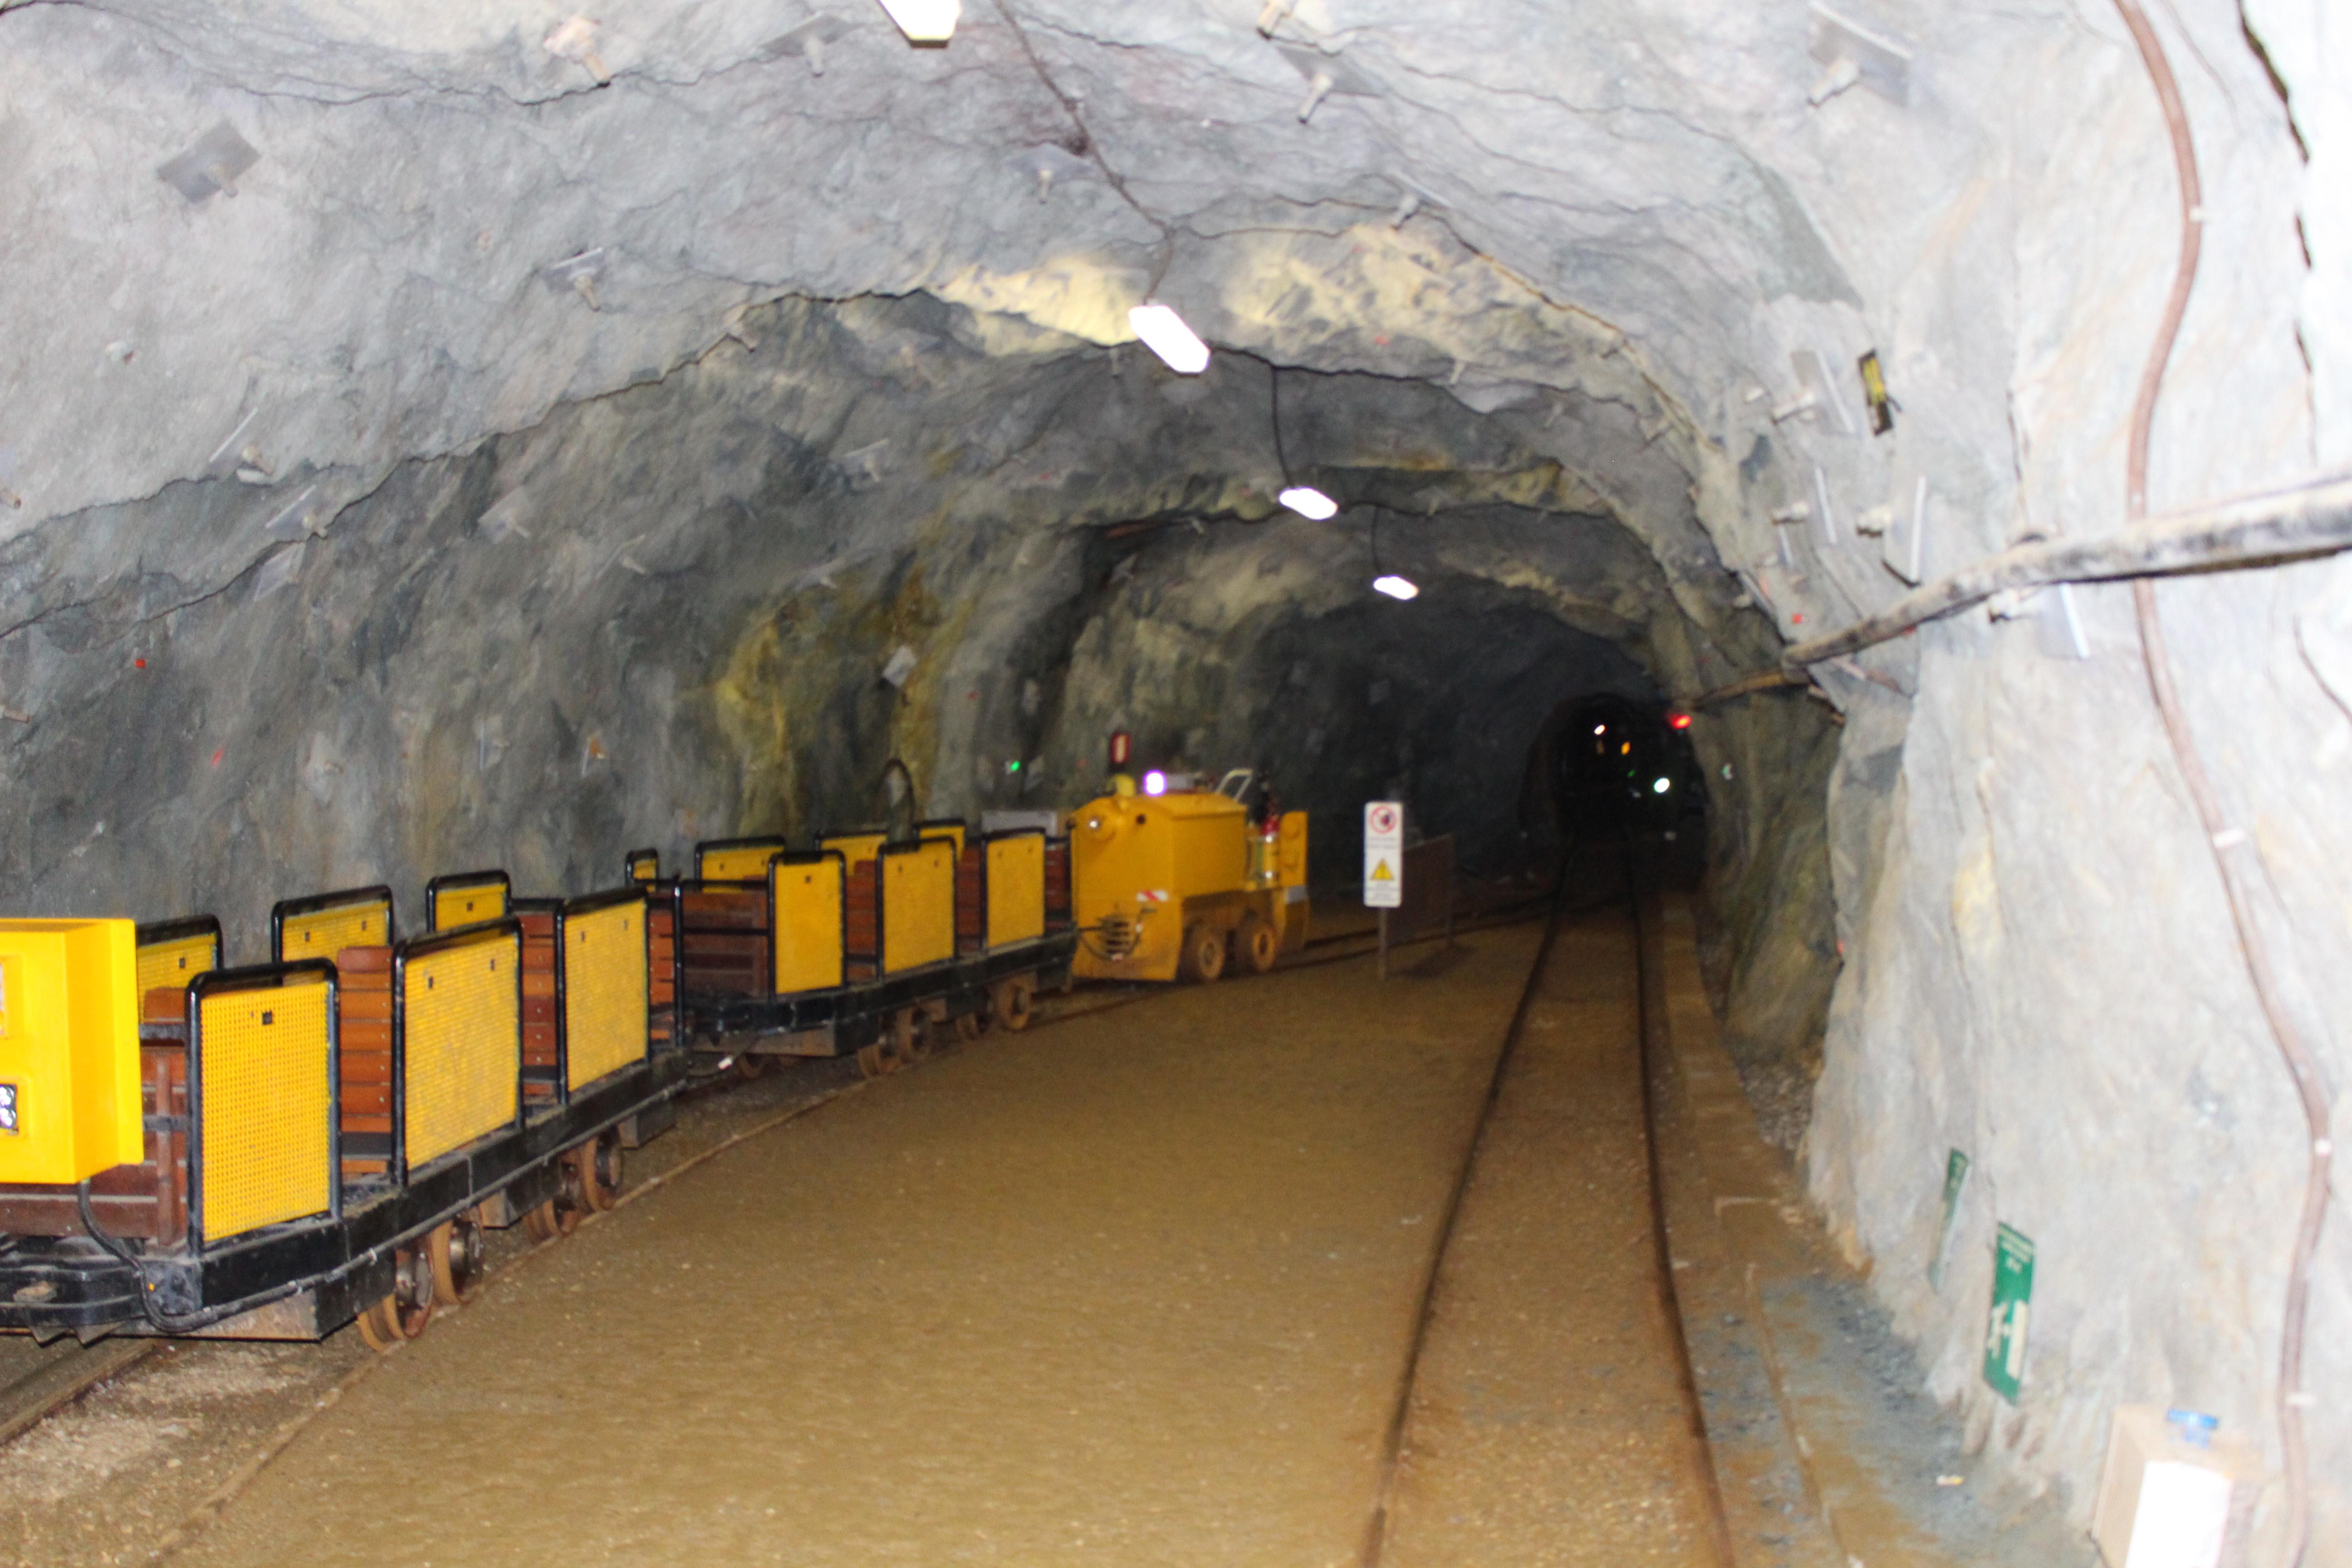 Mit der Grubenbahn geht es ins Bergbaumuseum -Schaubergwerk Pretau.